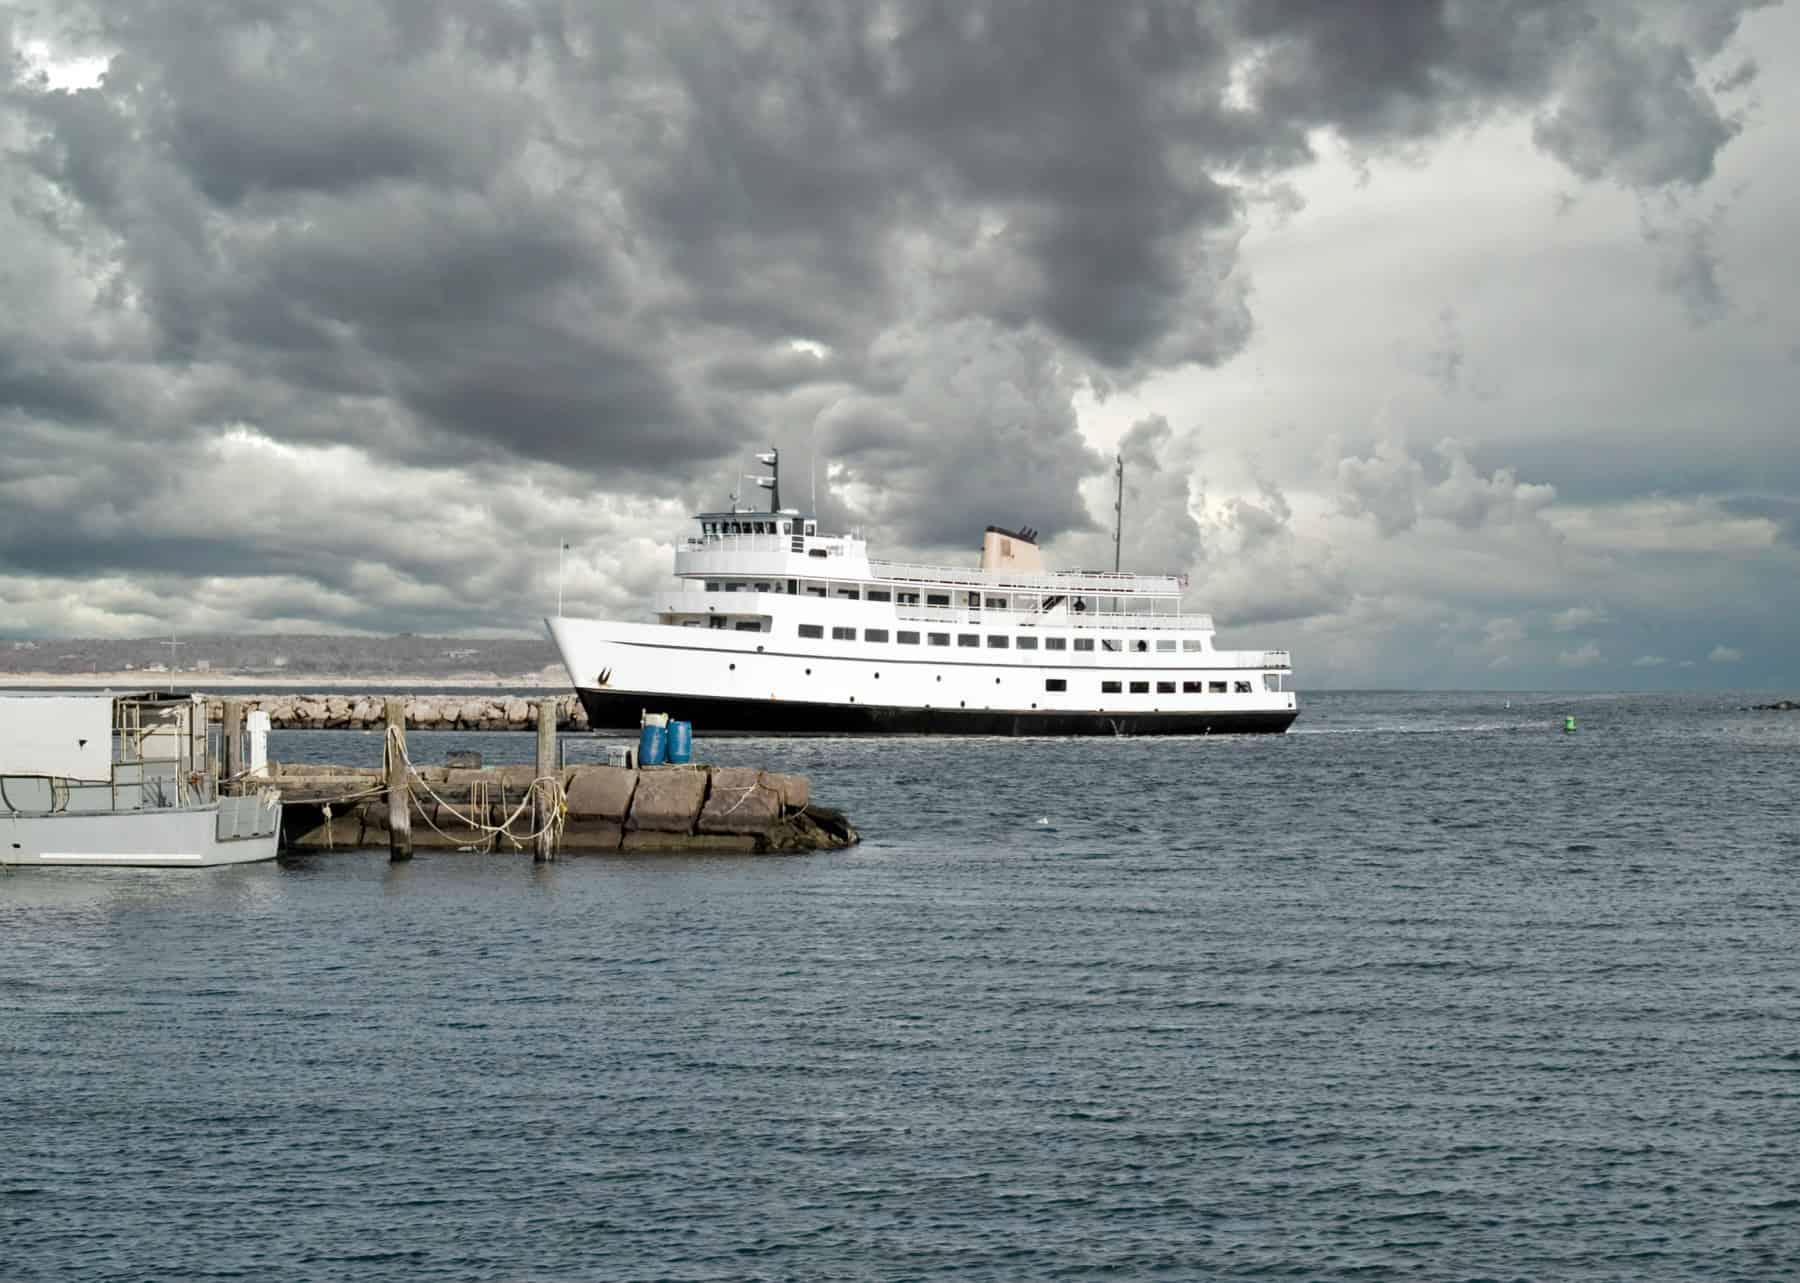 Ferry Boat in Narragansett Bay Rhode Island